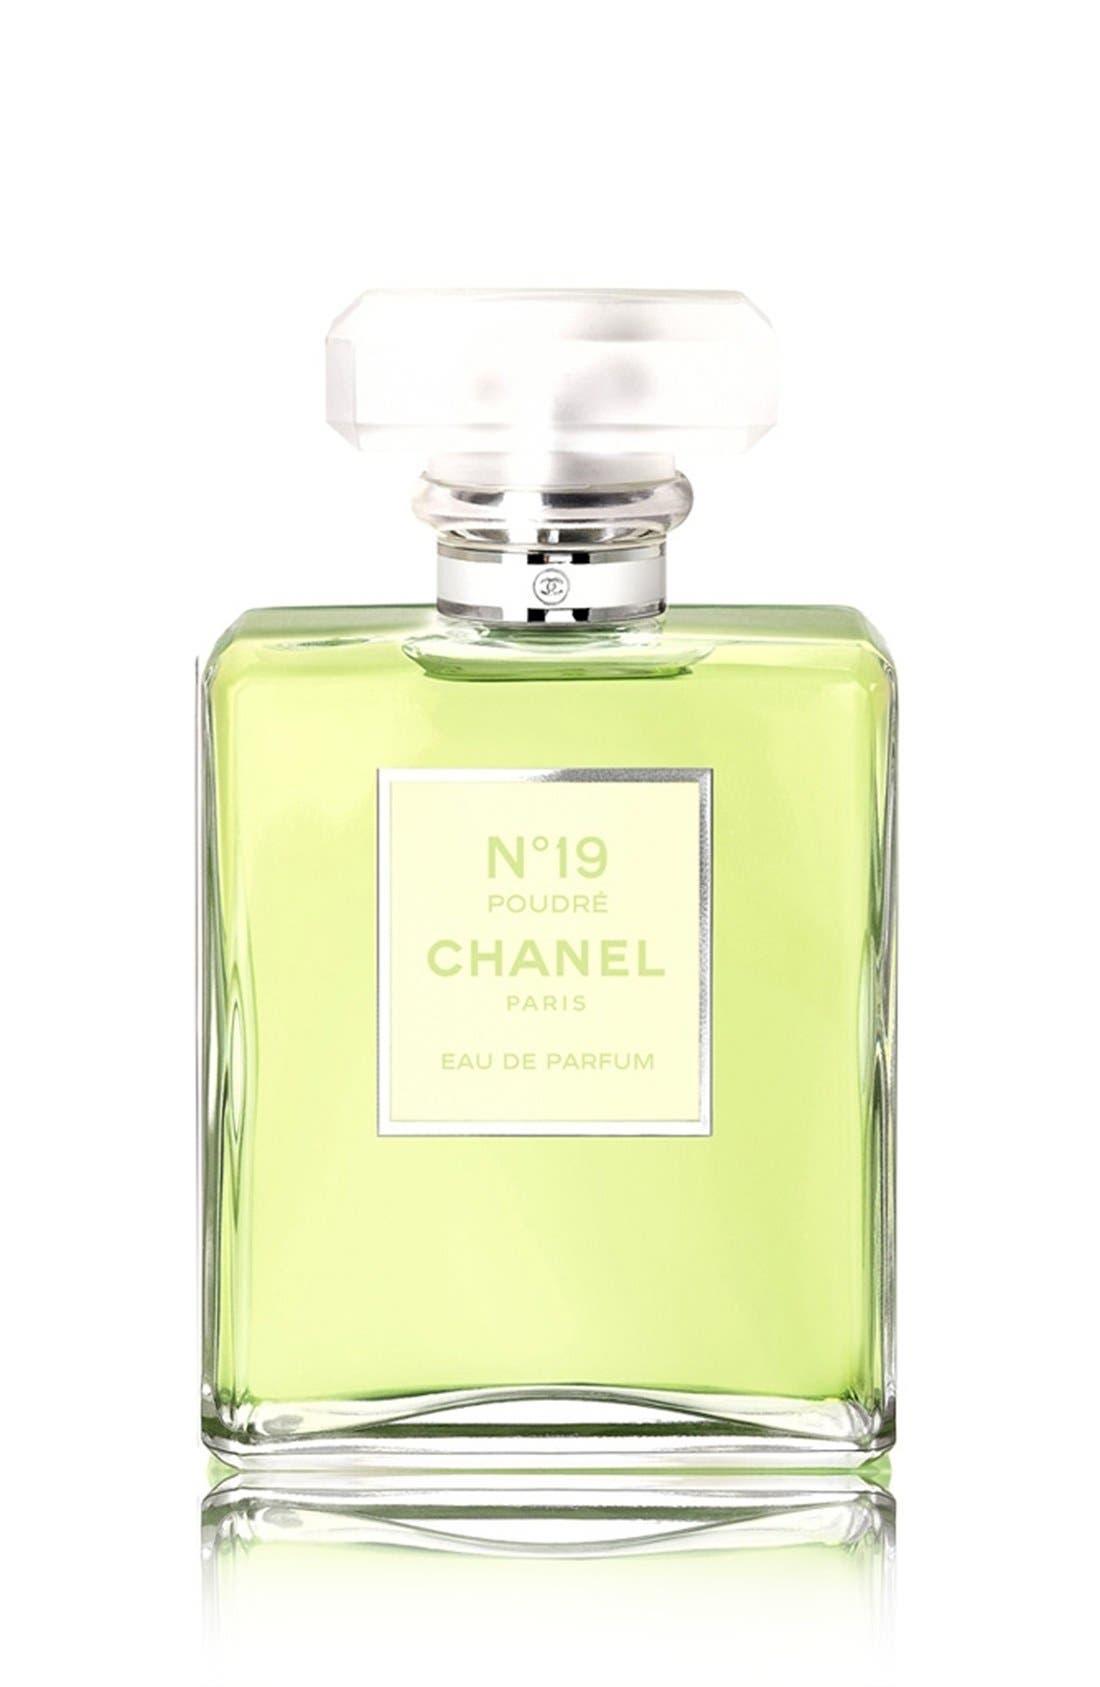 CHANEL N°19 POUDRÉ  Eau de Parfum Spray